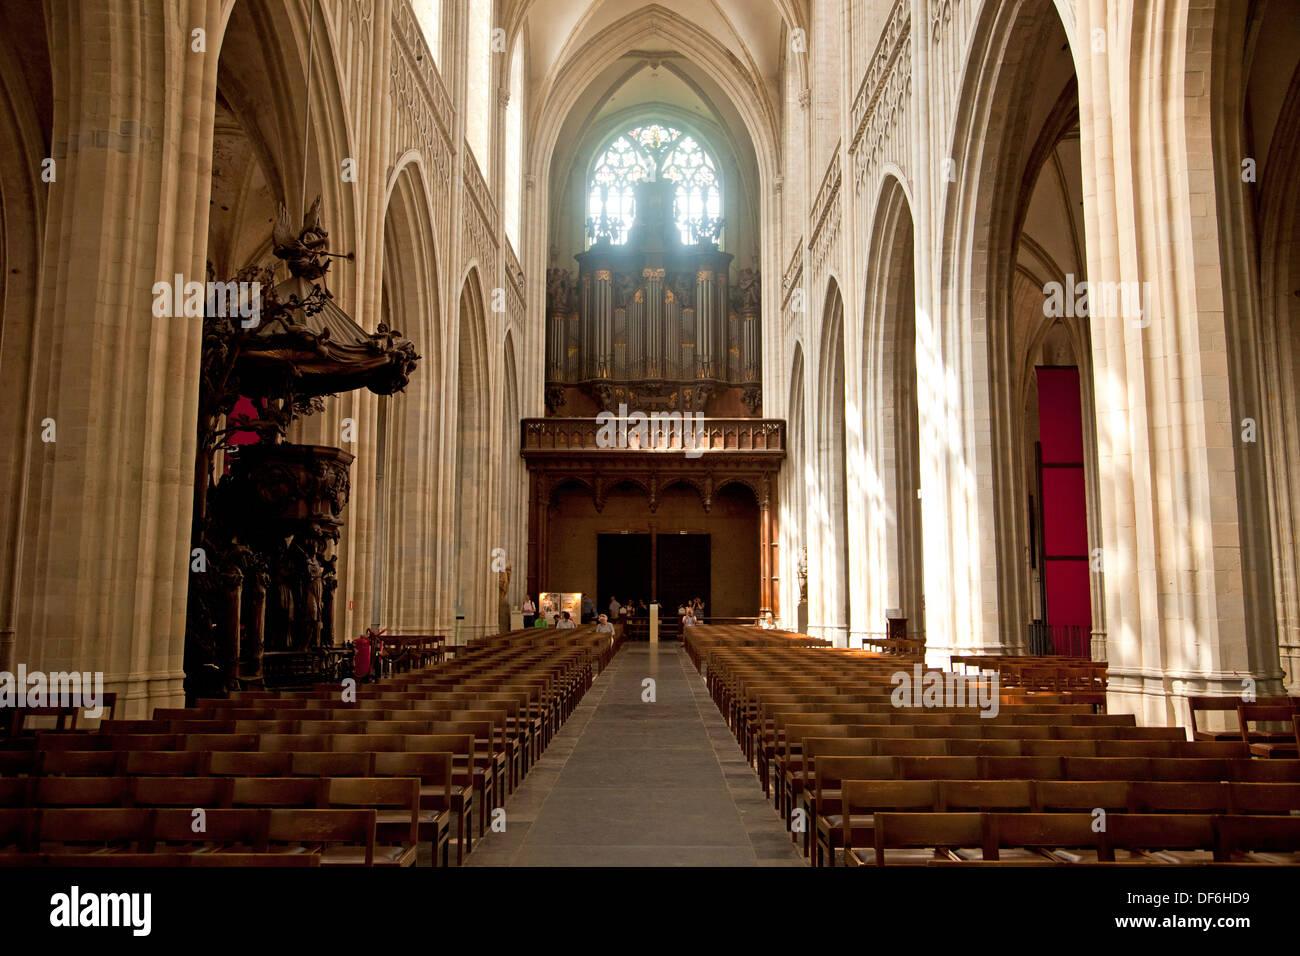 https://c8.alamy.com/compde/df6hd9/interieur-von-der-onze-lieve-vrouwekathedraal-kathedrale-unserer-lieben-frau-in-antwerpen-belgien-df6hd9.jpg